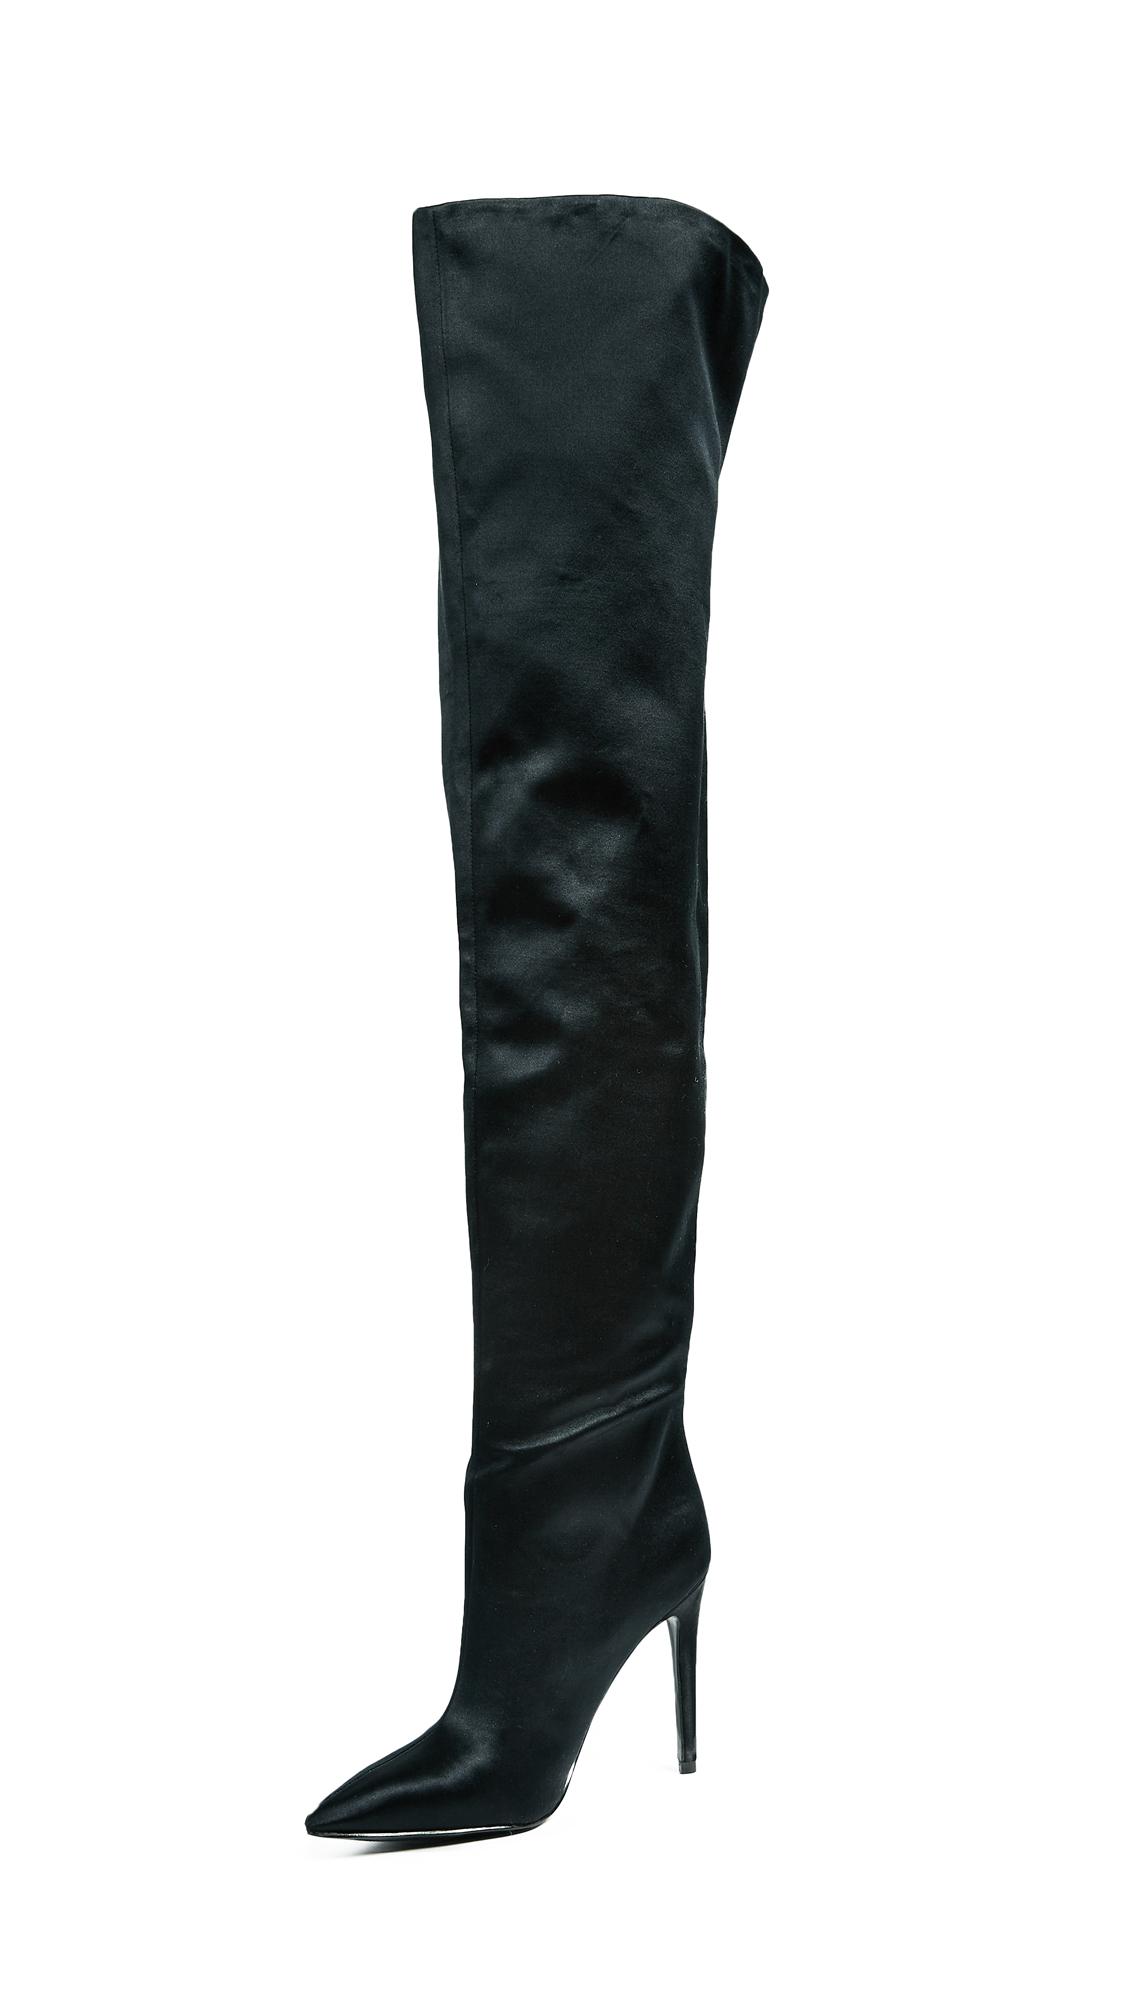 KENDALL + KYLIE Alexxa OTK Boots - Black